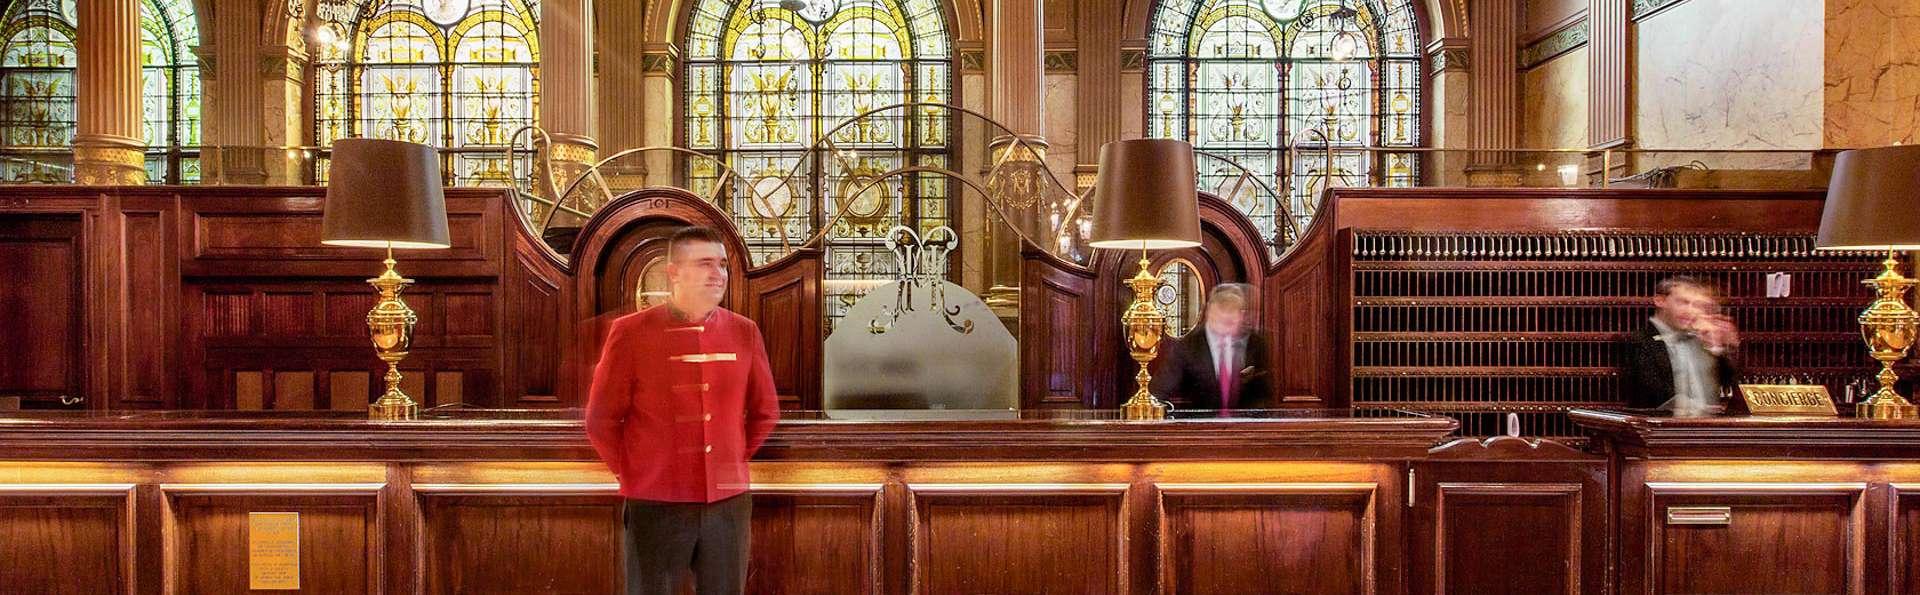 Hotel Metropole - EDIT_N2_LOBBY_01.jpg